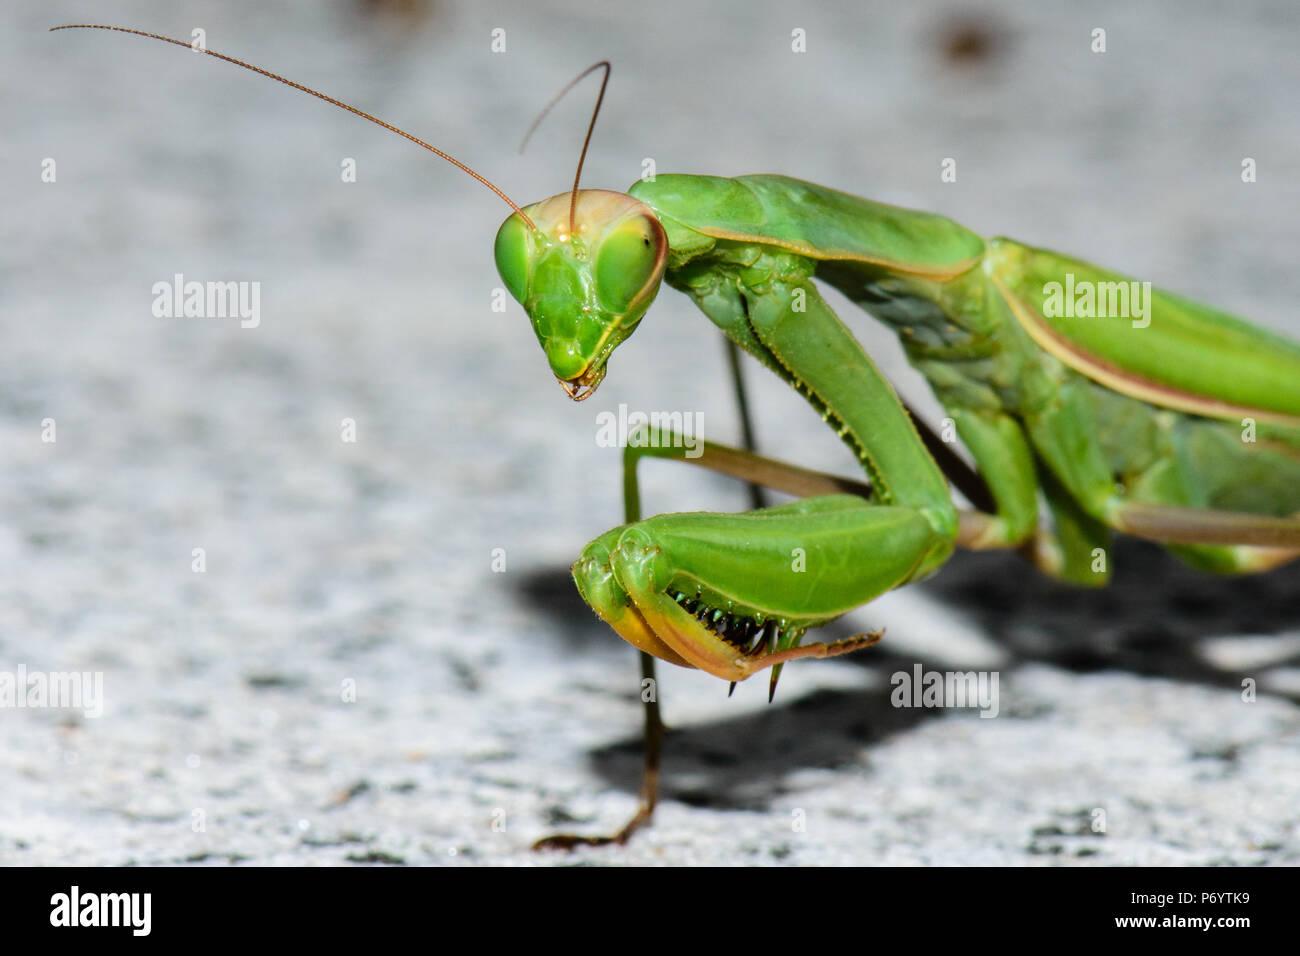 Farbe outdoor natürliche Tierwelt hautnah Makrofotografie eines einzigen Grün isoliert Gottesanbeterin auf einem steinigen Hintergrund Stockbild